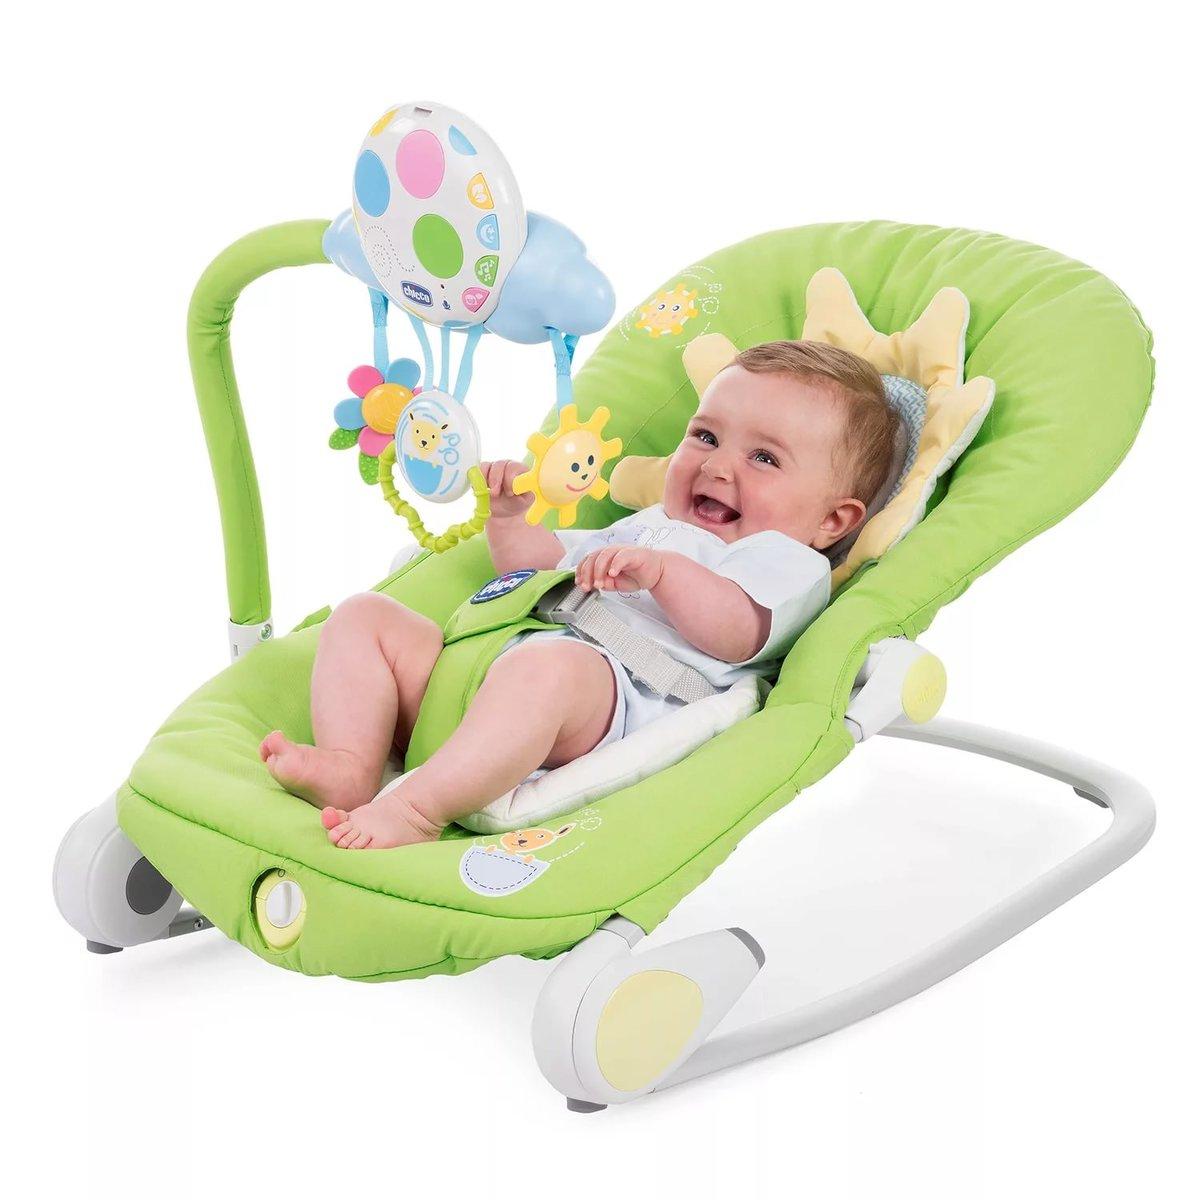 В шезлонге новорожденный быстро засыпает